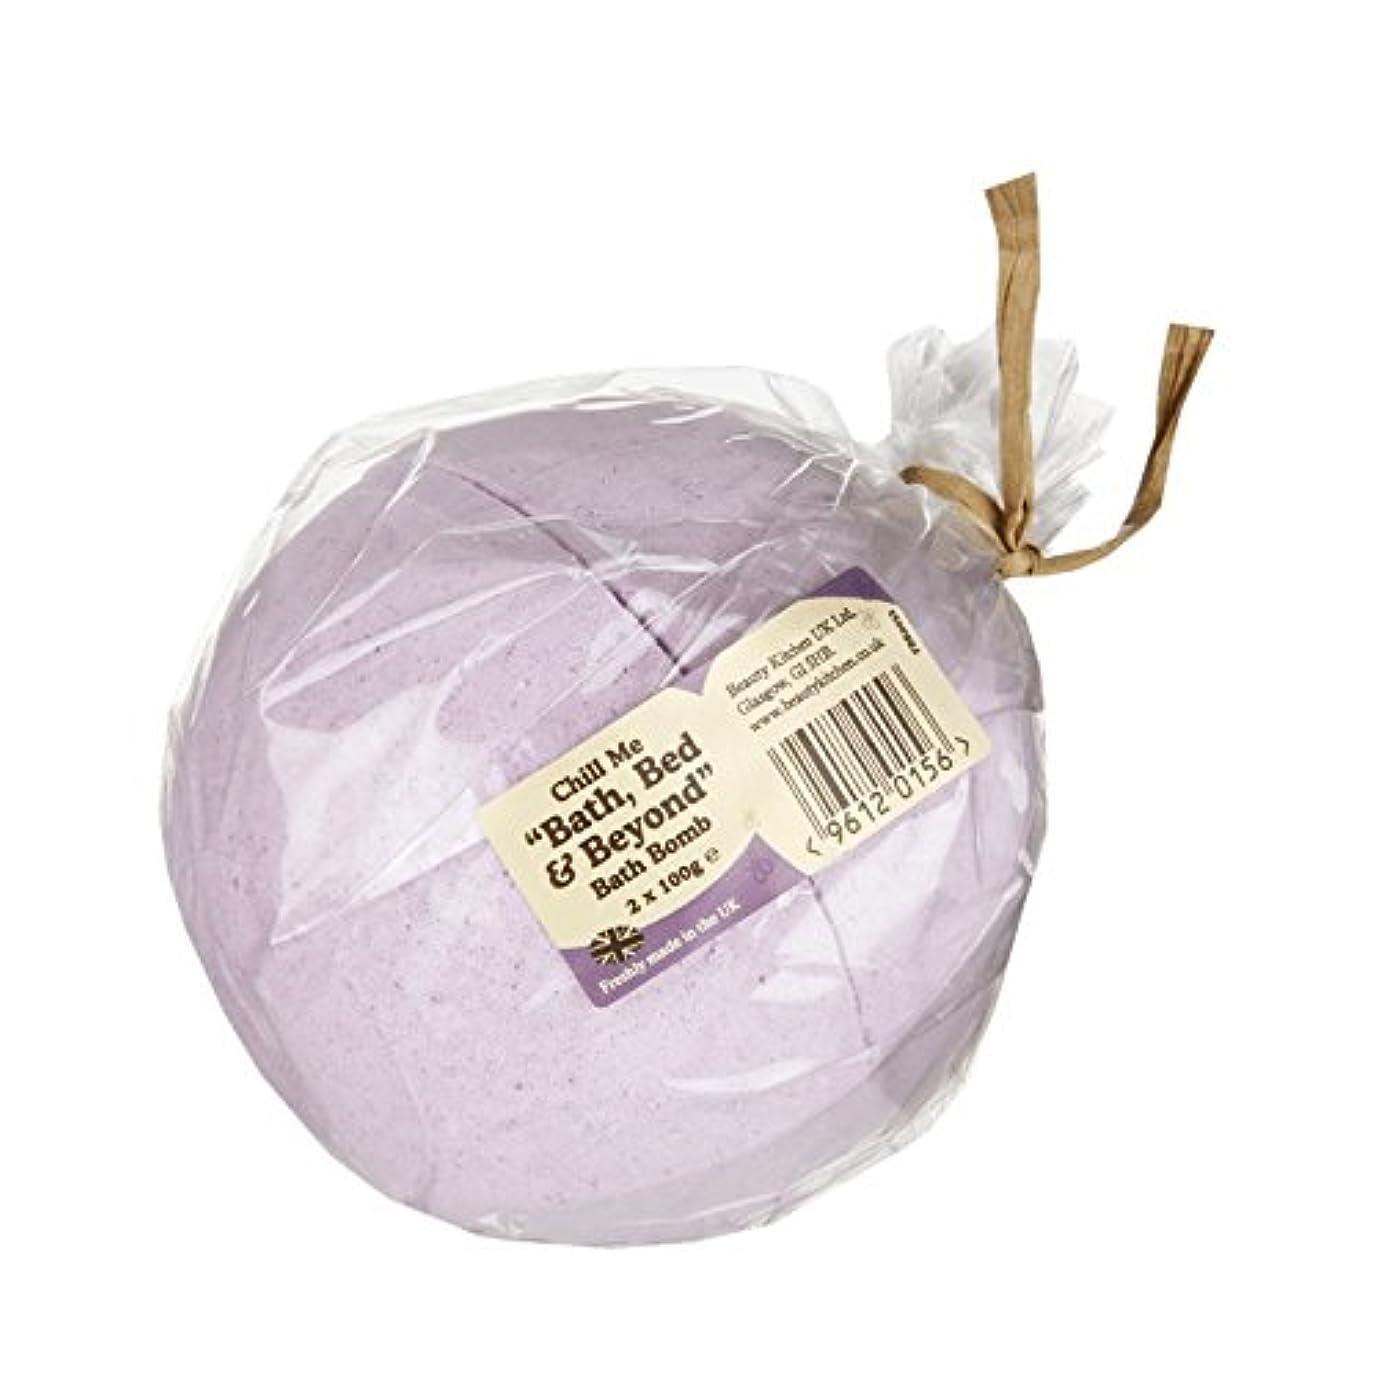 モーテル麦芽何Beauty Kitchen Chill Me Bath, Bed & Beyond Bath Bomb 2 x 100g (Pack of 2) - 美しさのキッチンには、バスタブ、ベッド&バス爆弾2×100グラムを超えて私を冷やします (x2) [並行輸入品]